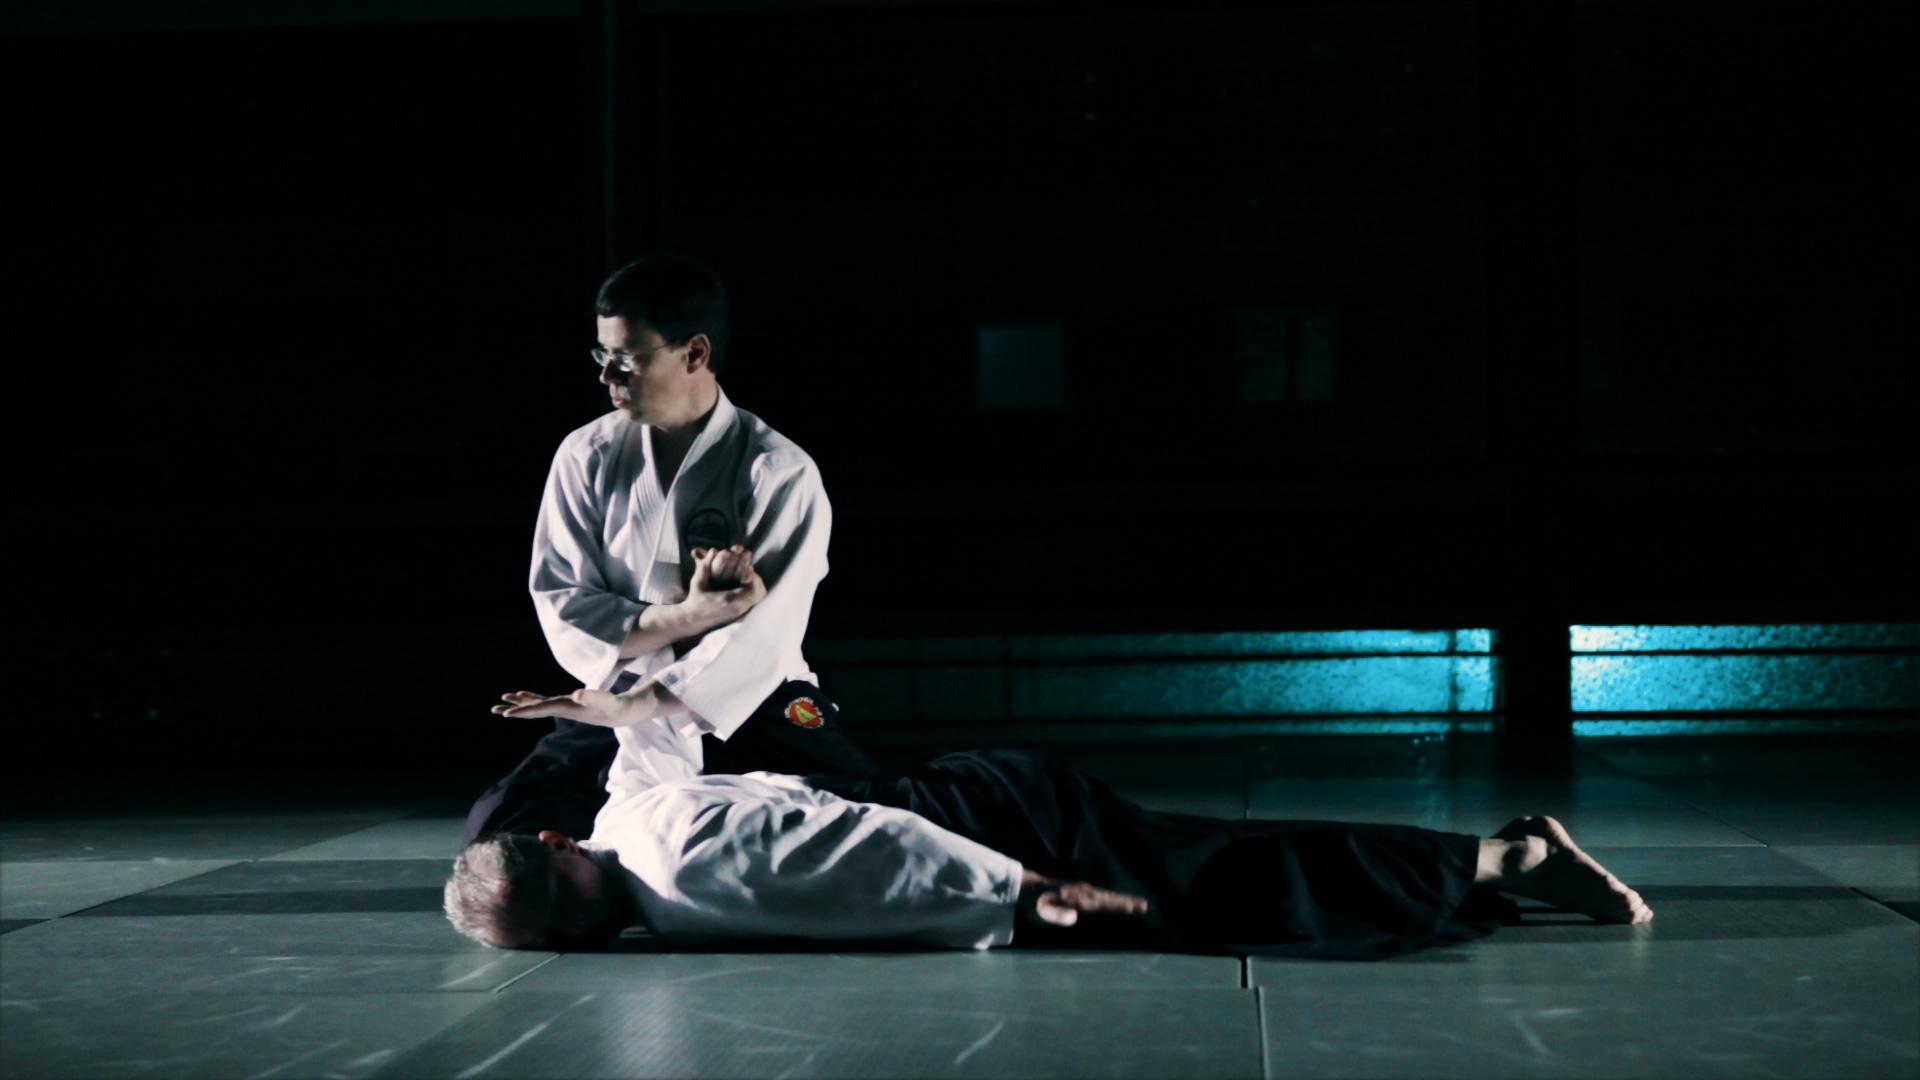 22 martial arts hd - photo #18